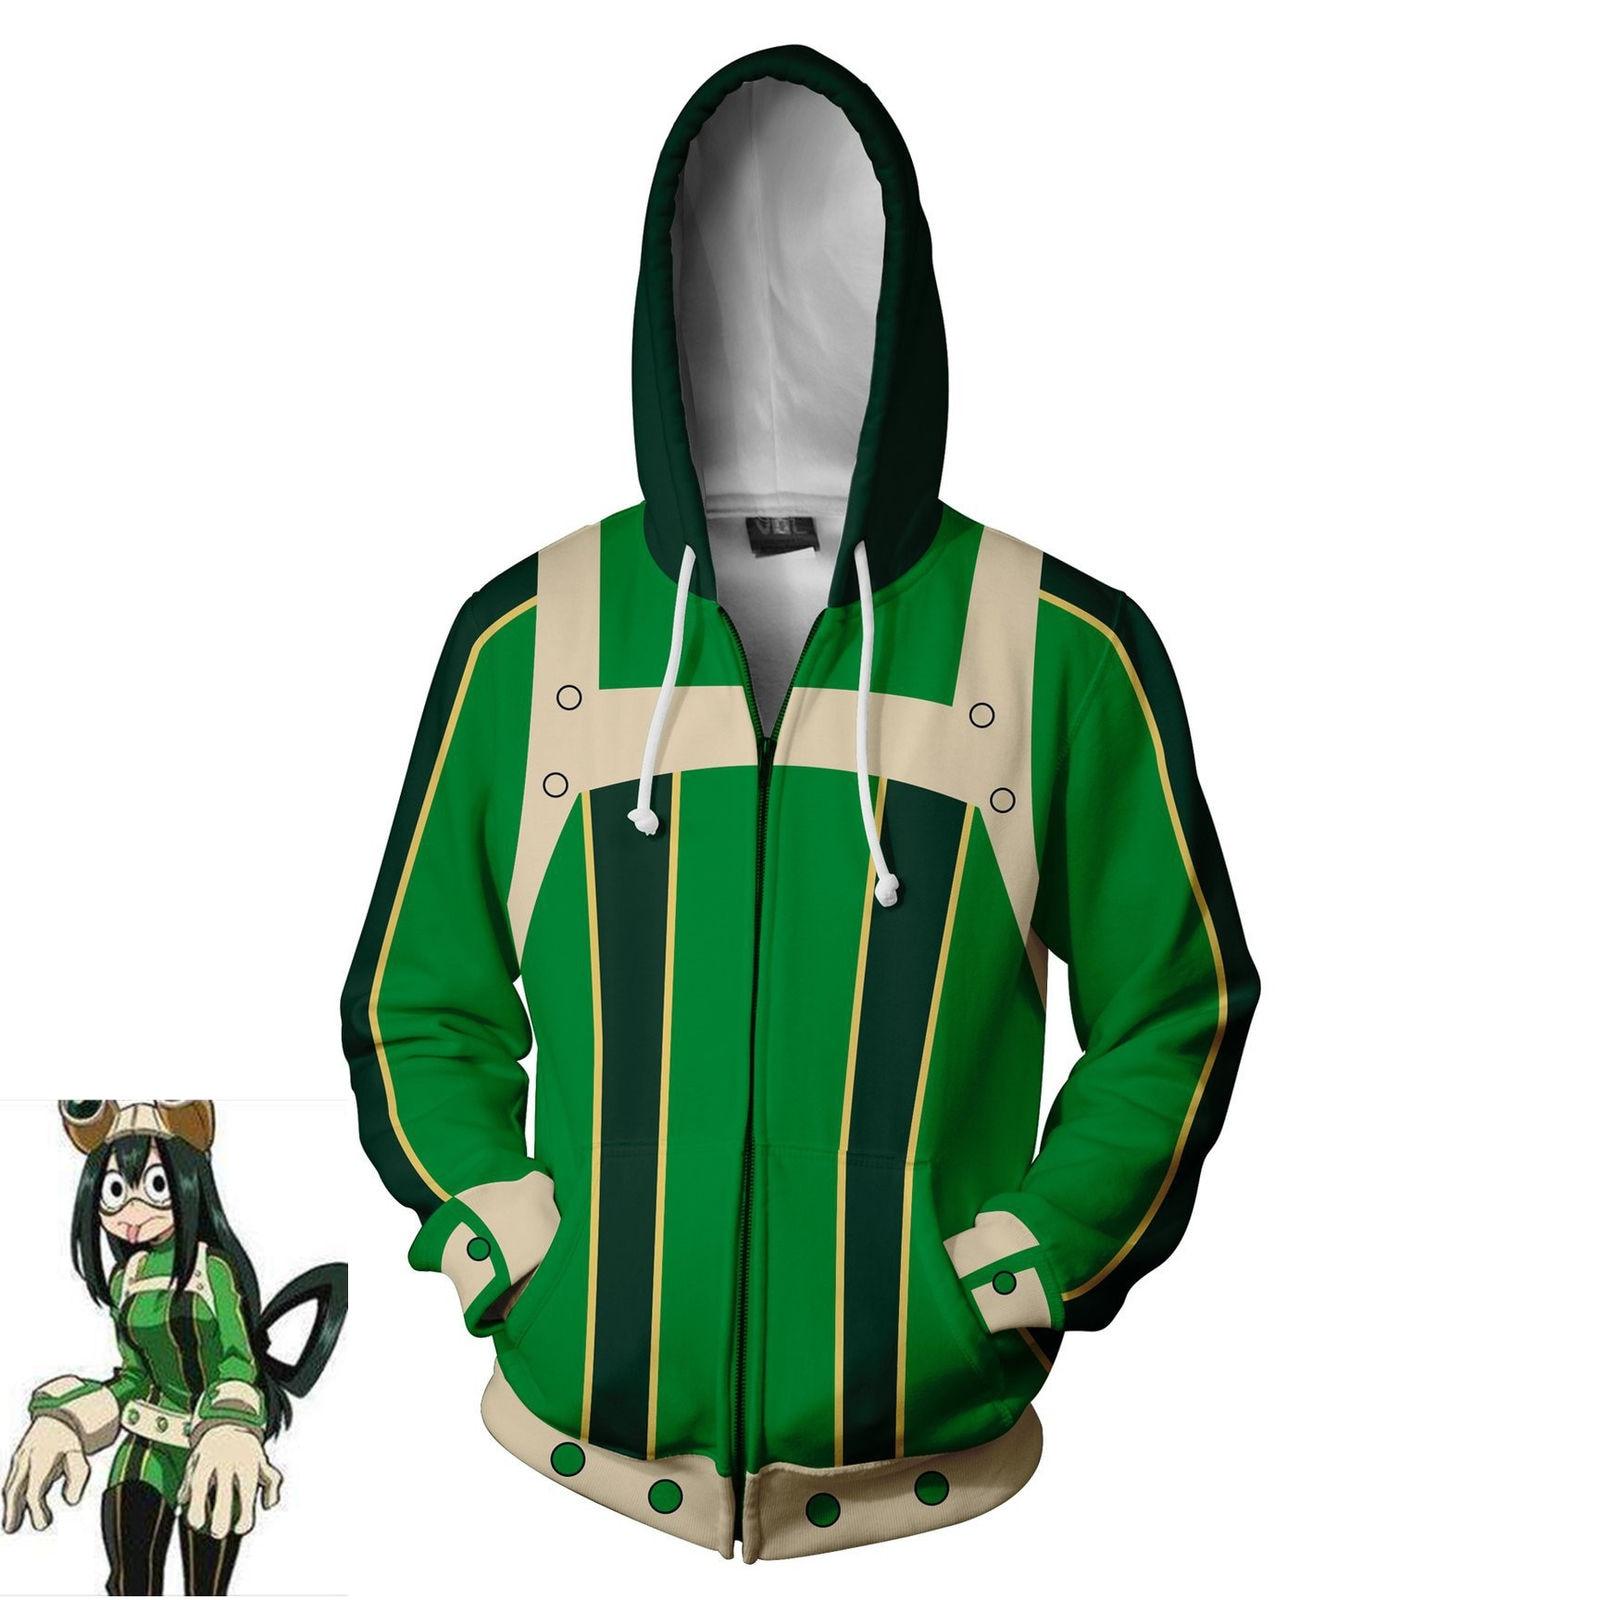 Anime Boku No My Hero Academia Asui Tsuyu Hoodie Sweatshirt Zipper Coat Cosplay Costume